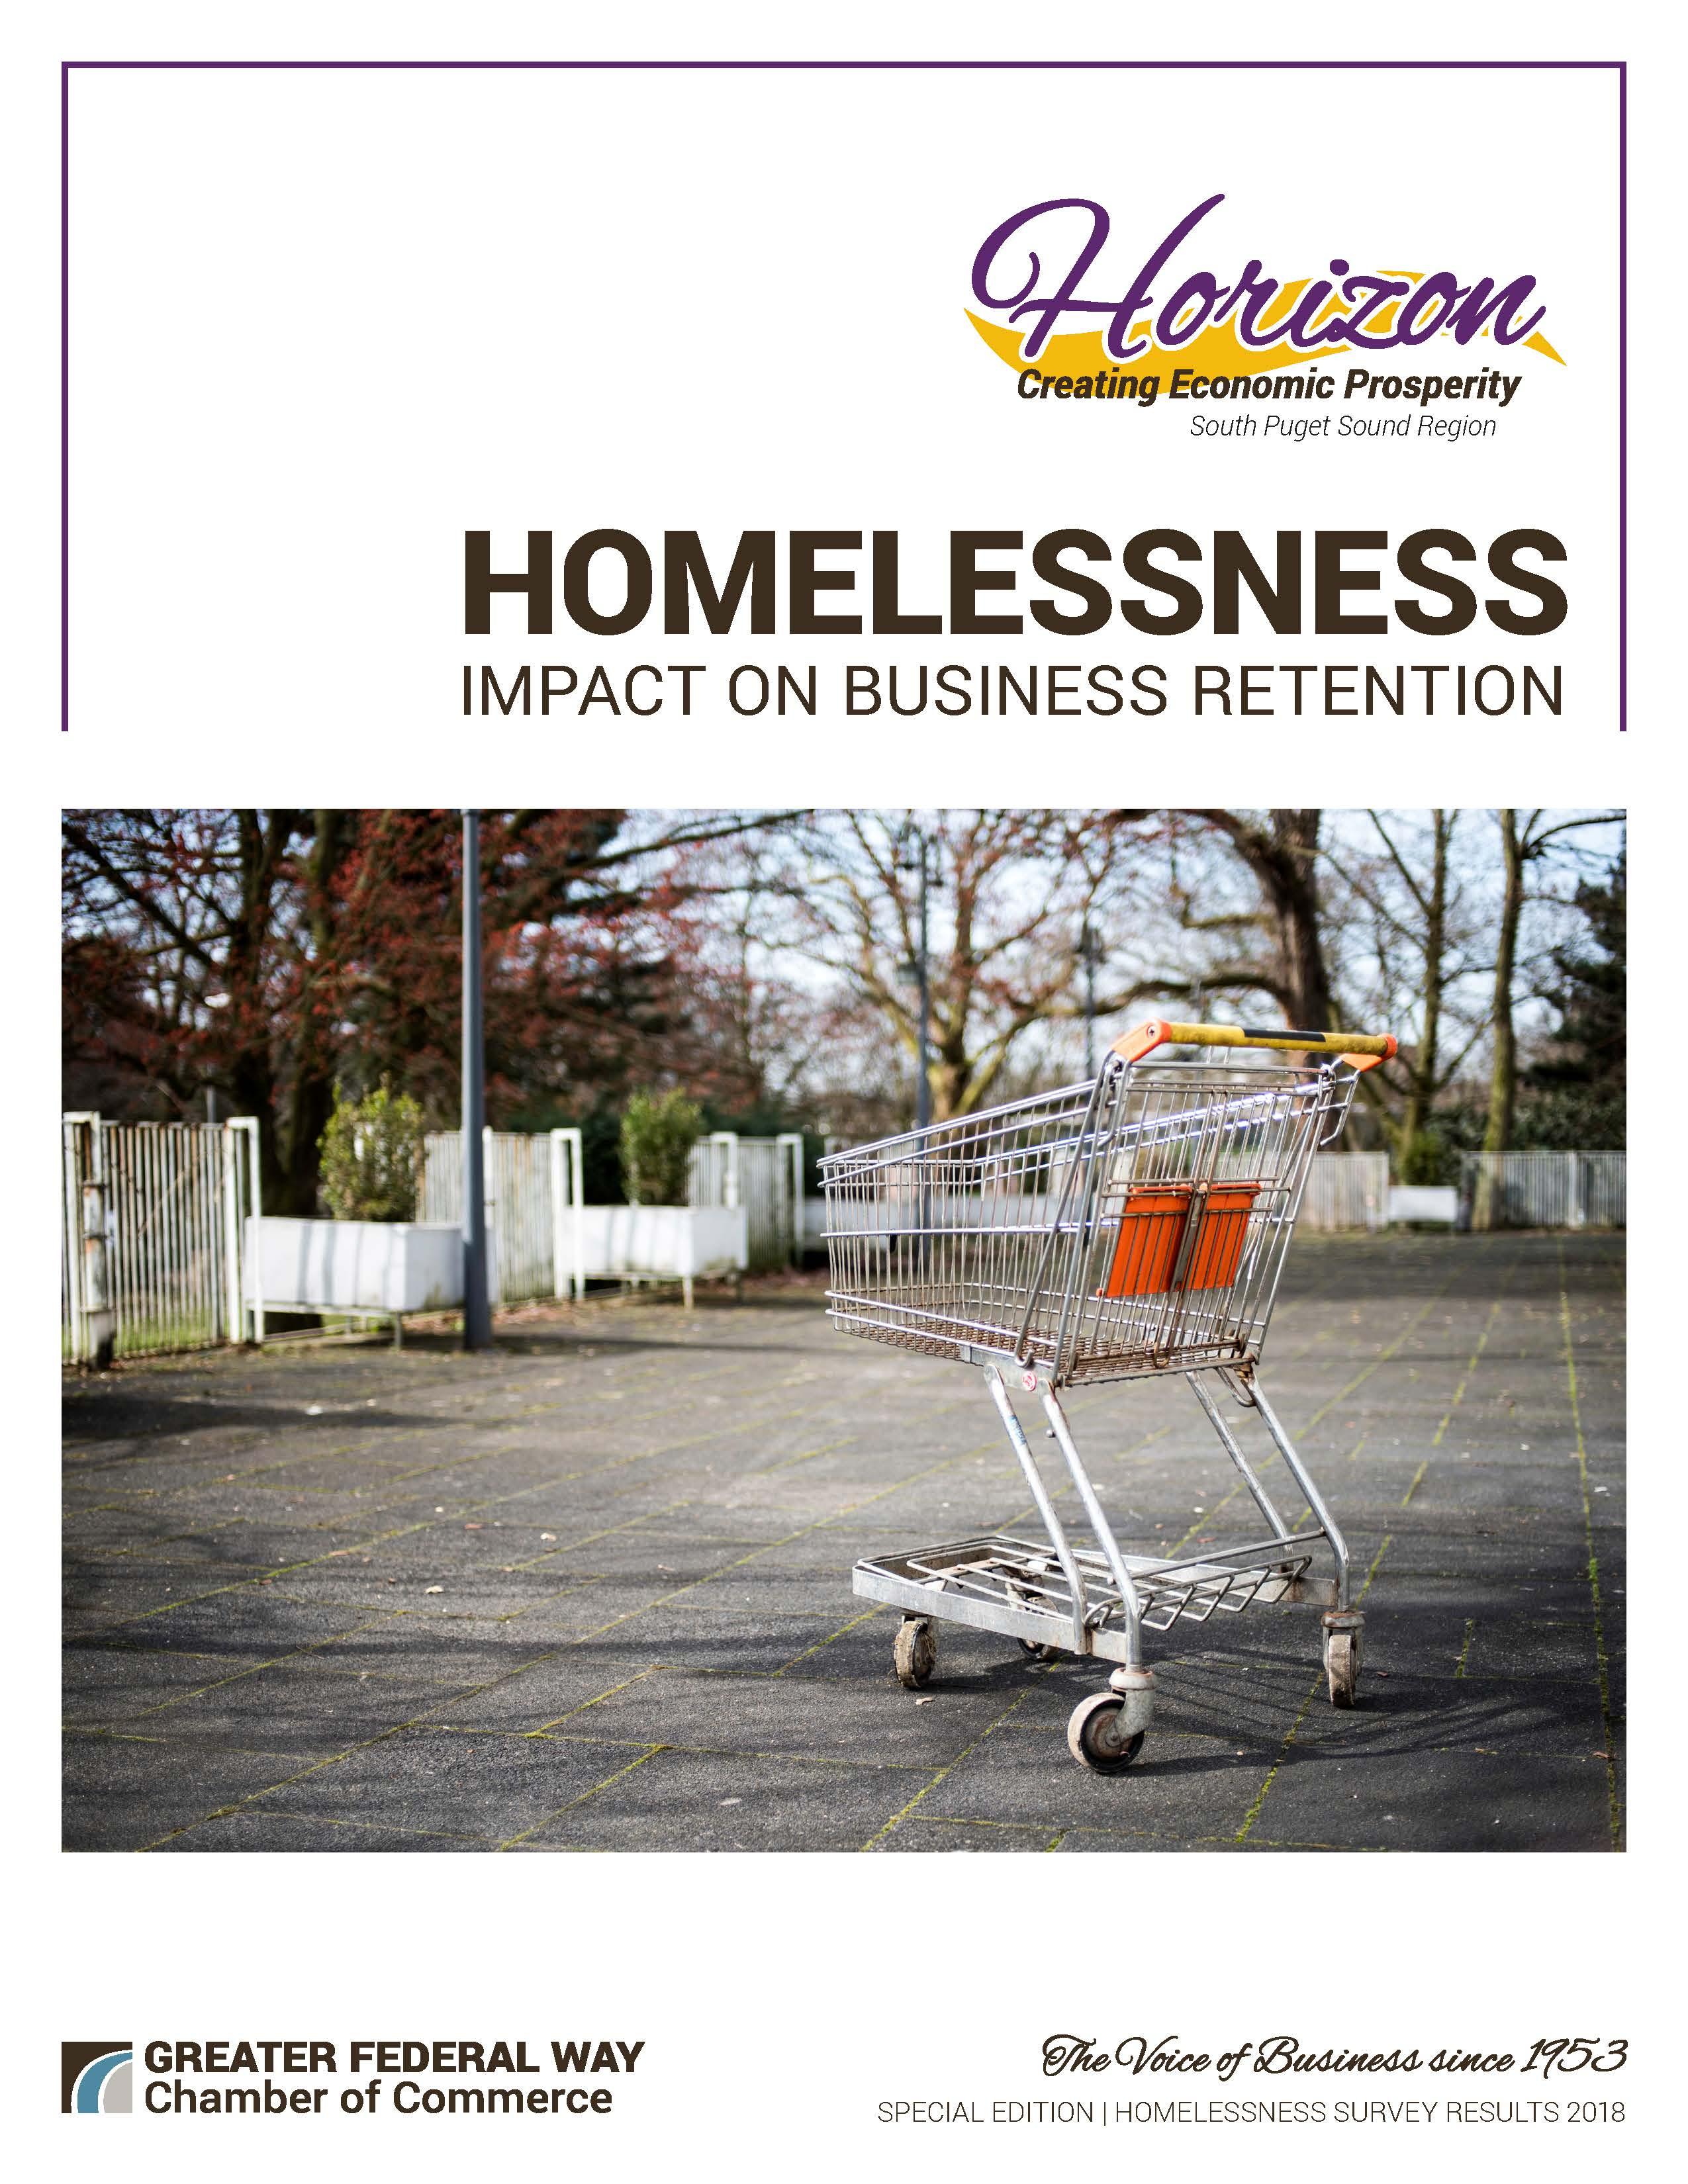 Horizon Special Edition - Homelessness Survey